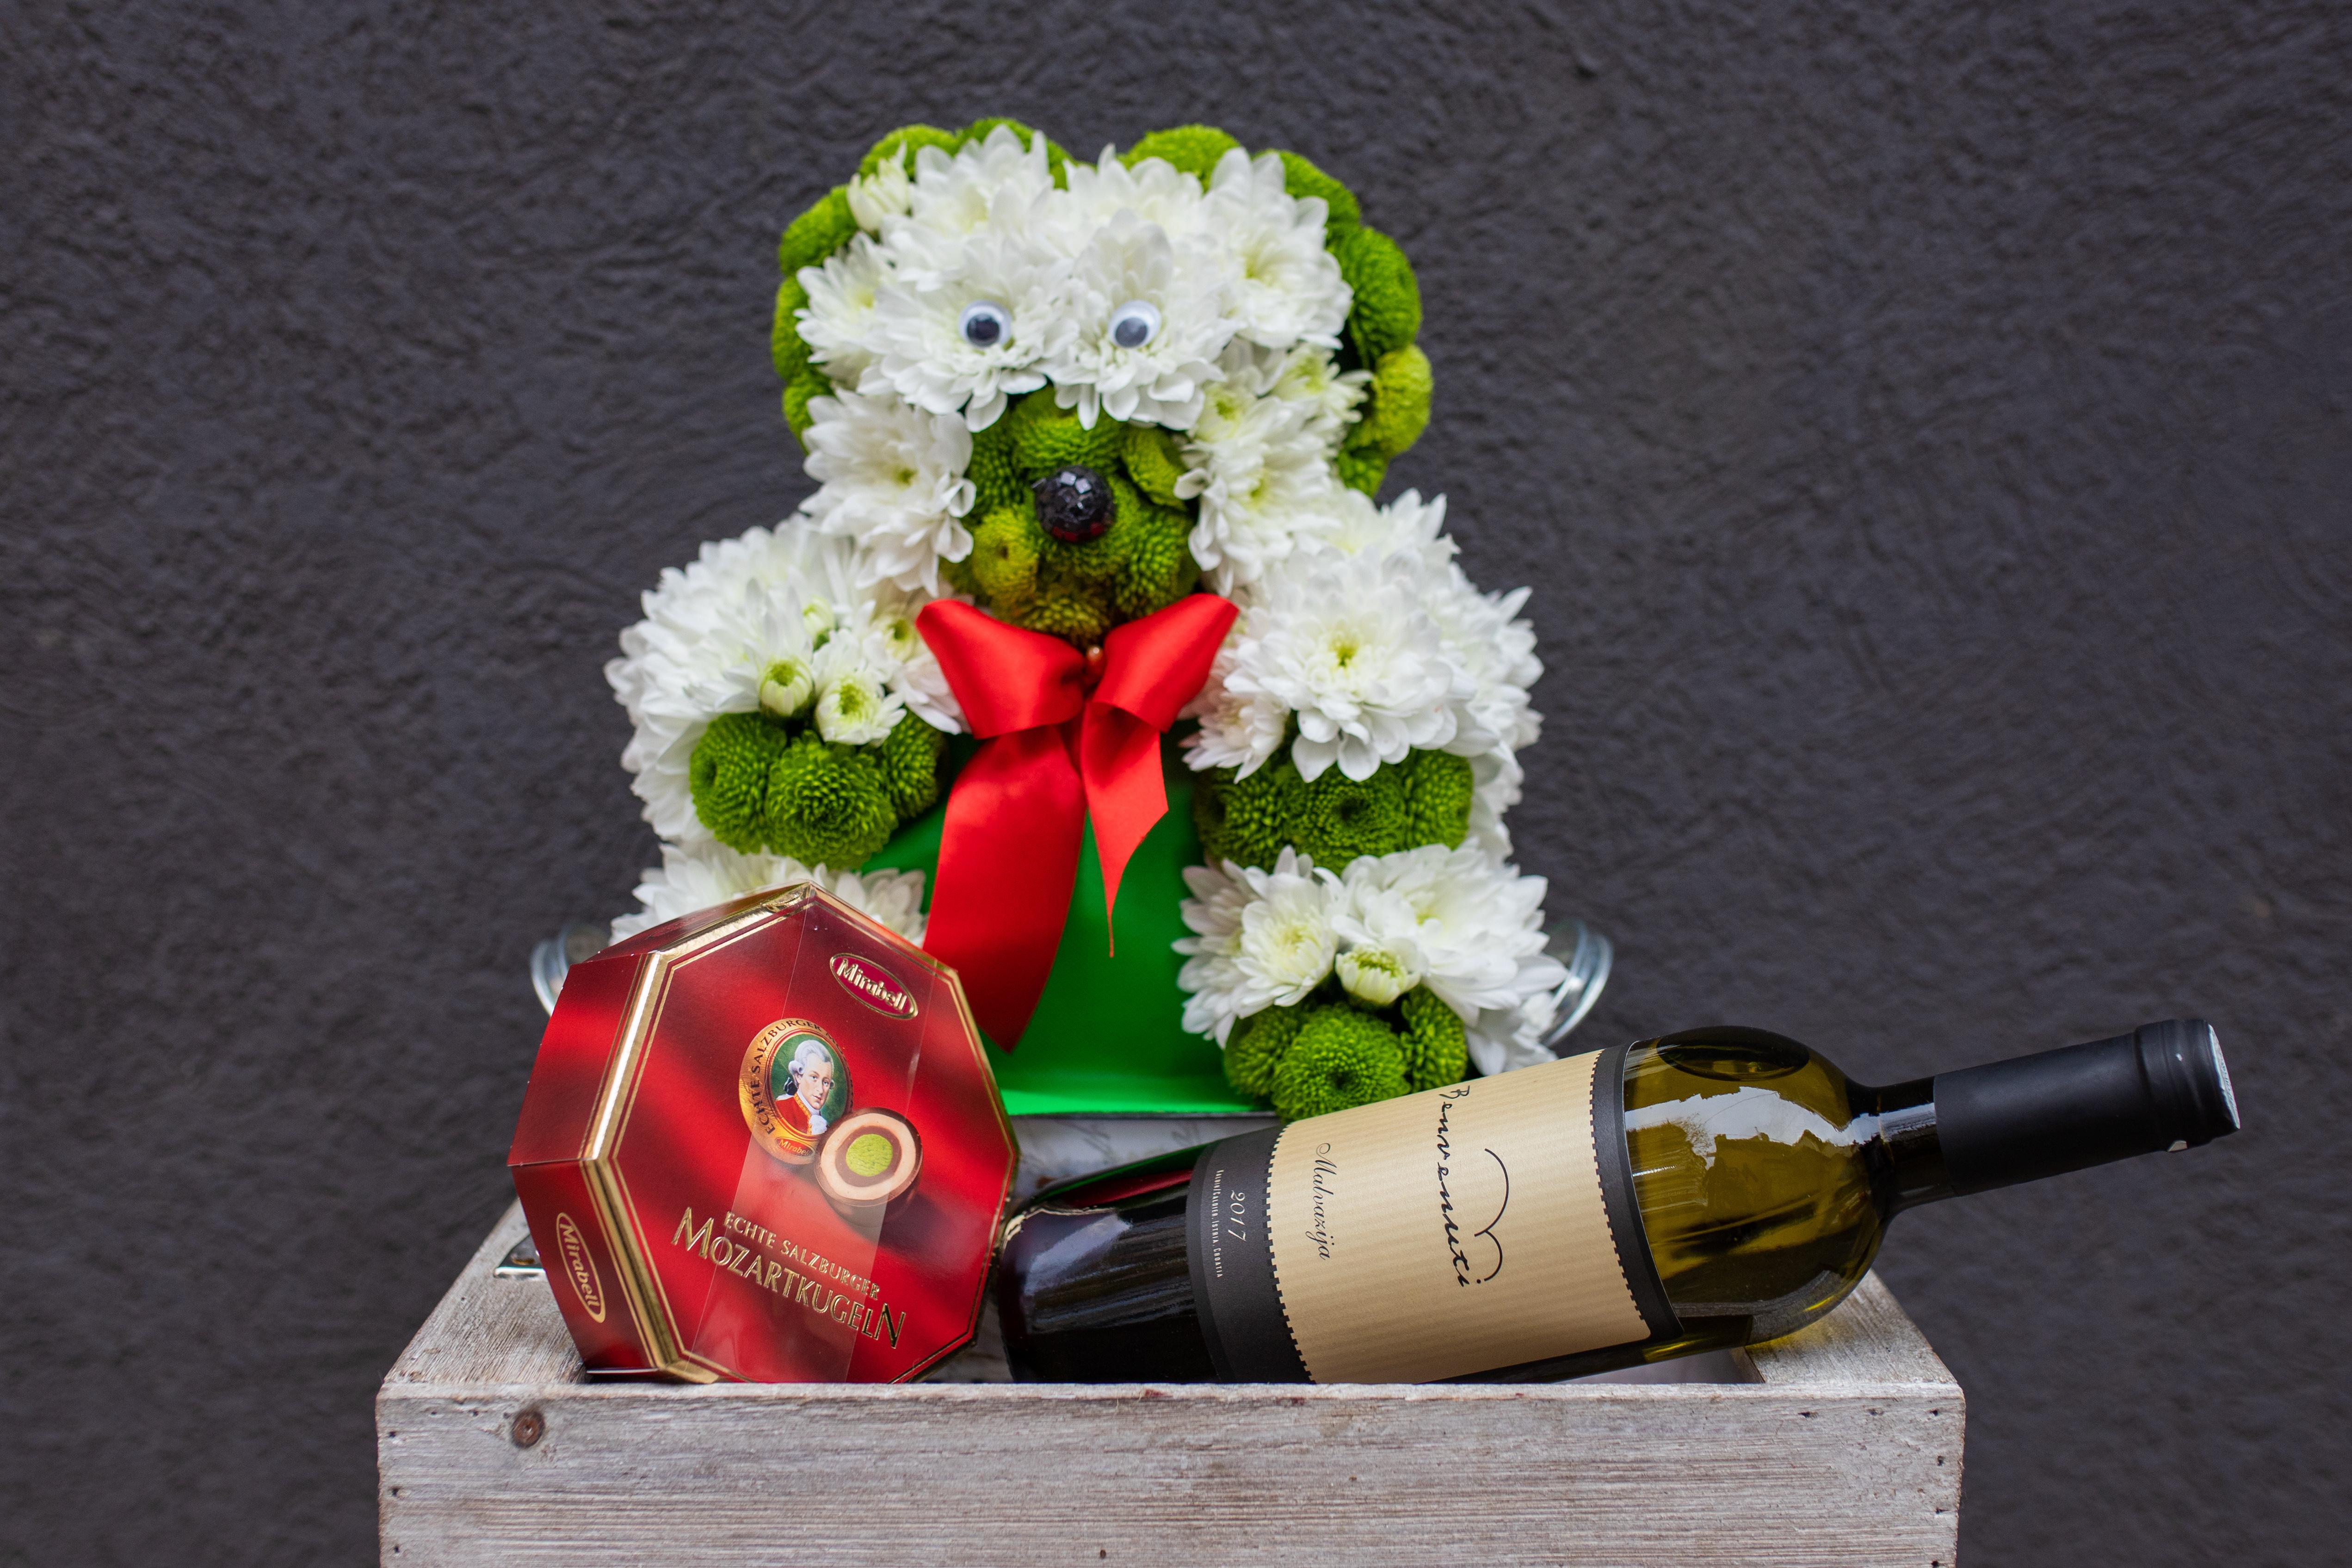 Gift No 3